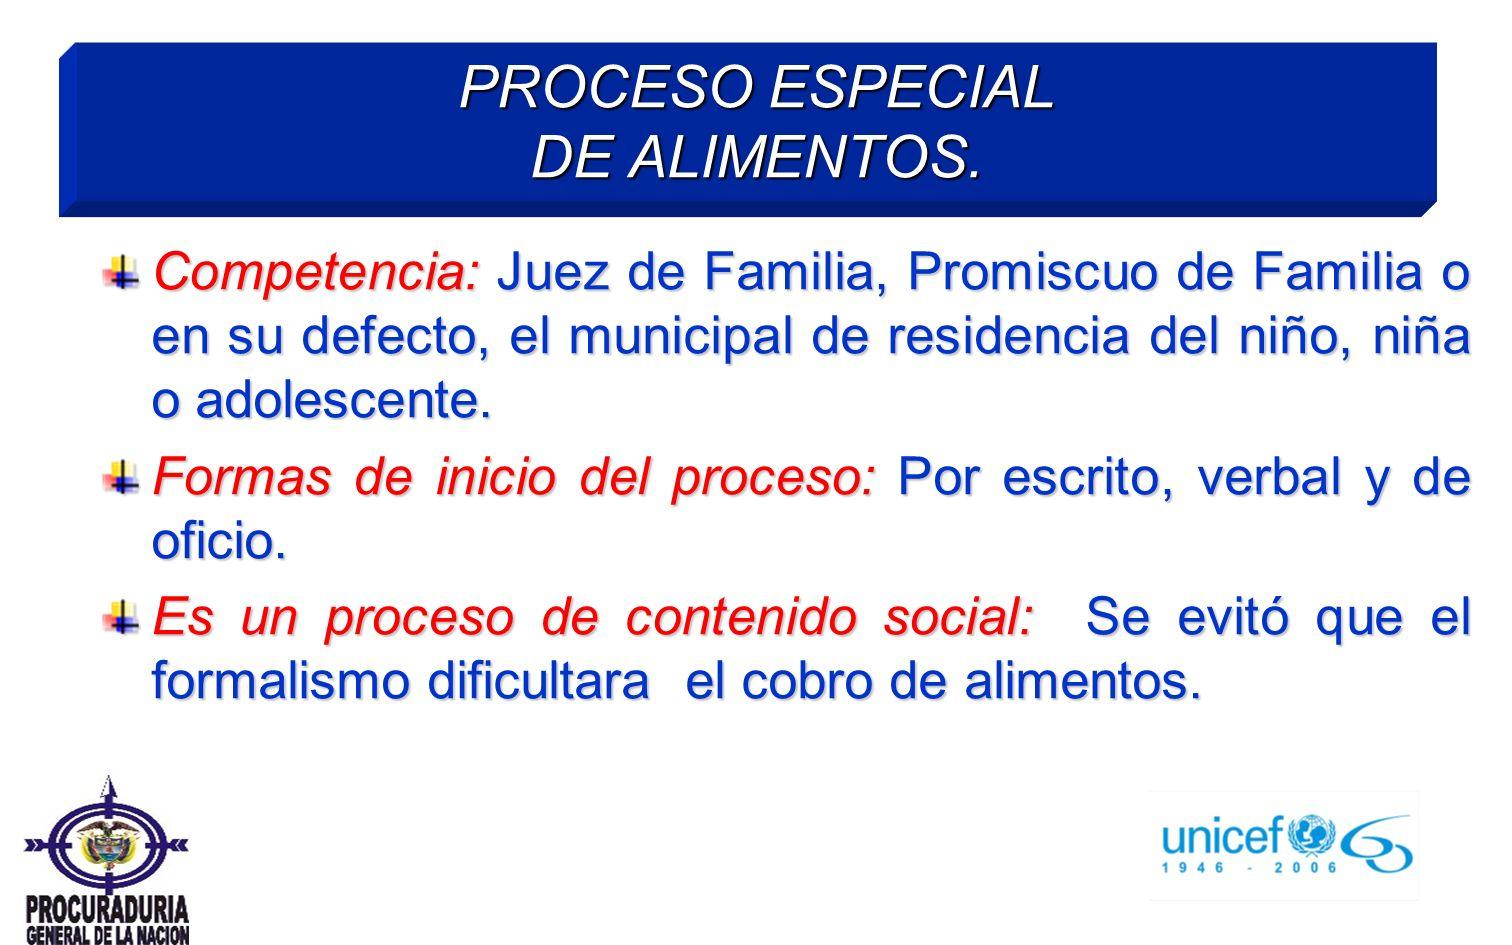 PROCESO ESPECIAL DE ALIMENTOS. Competencia:Juez de Familia, Promiscuo de Familia o en su defecto, el municipal de residencia del niño, niña o adolesce